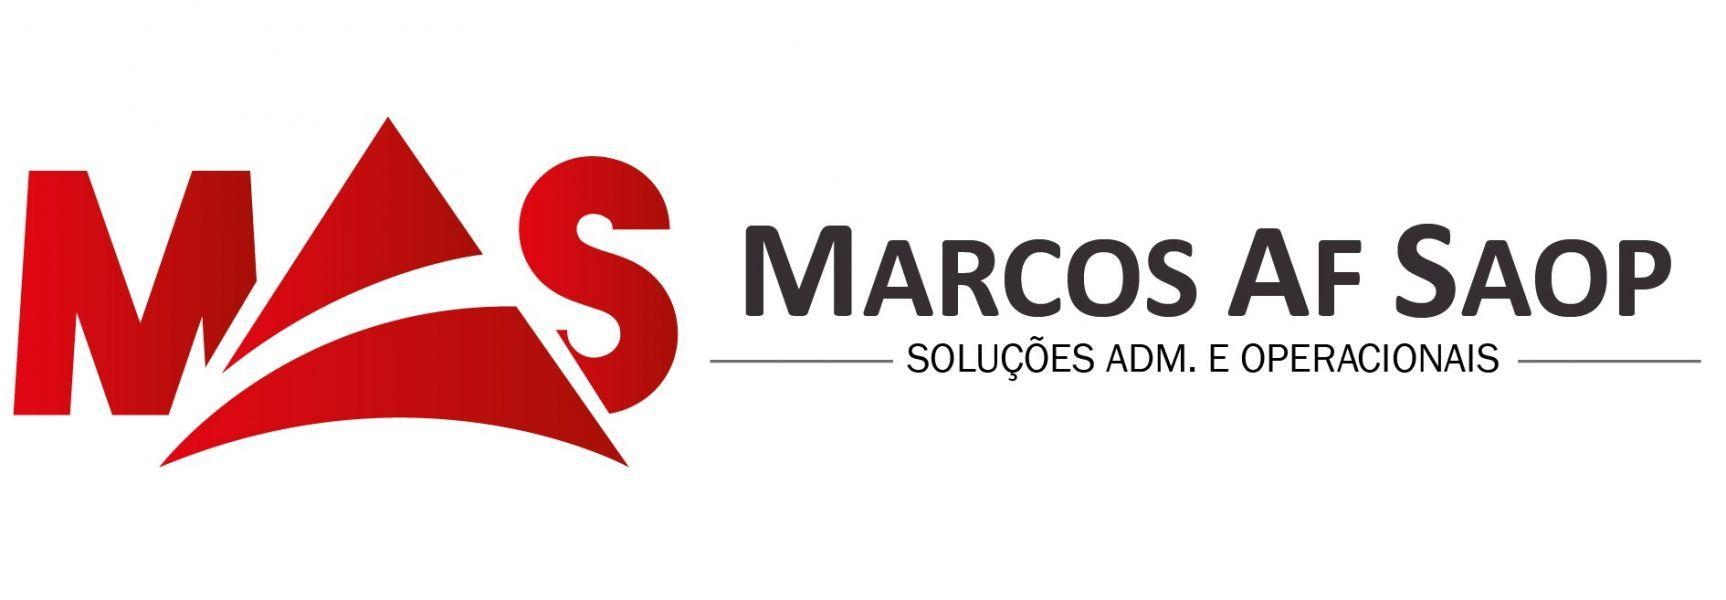 MARCOS AF SAOP